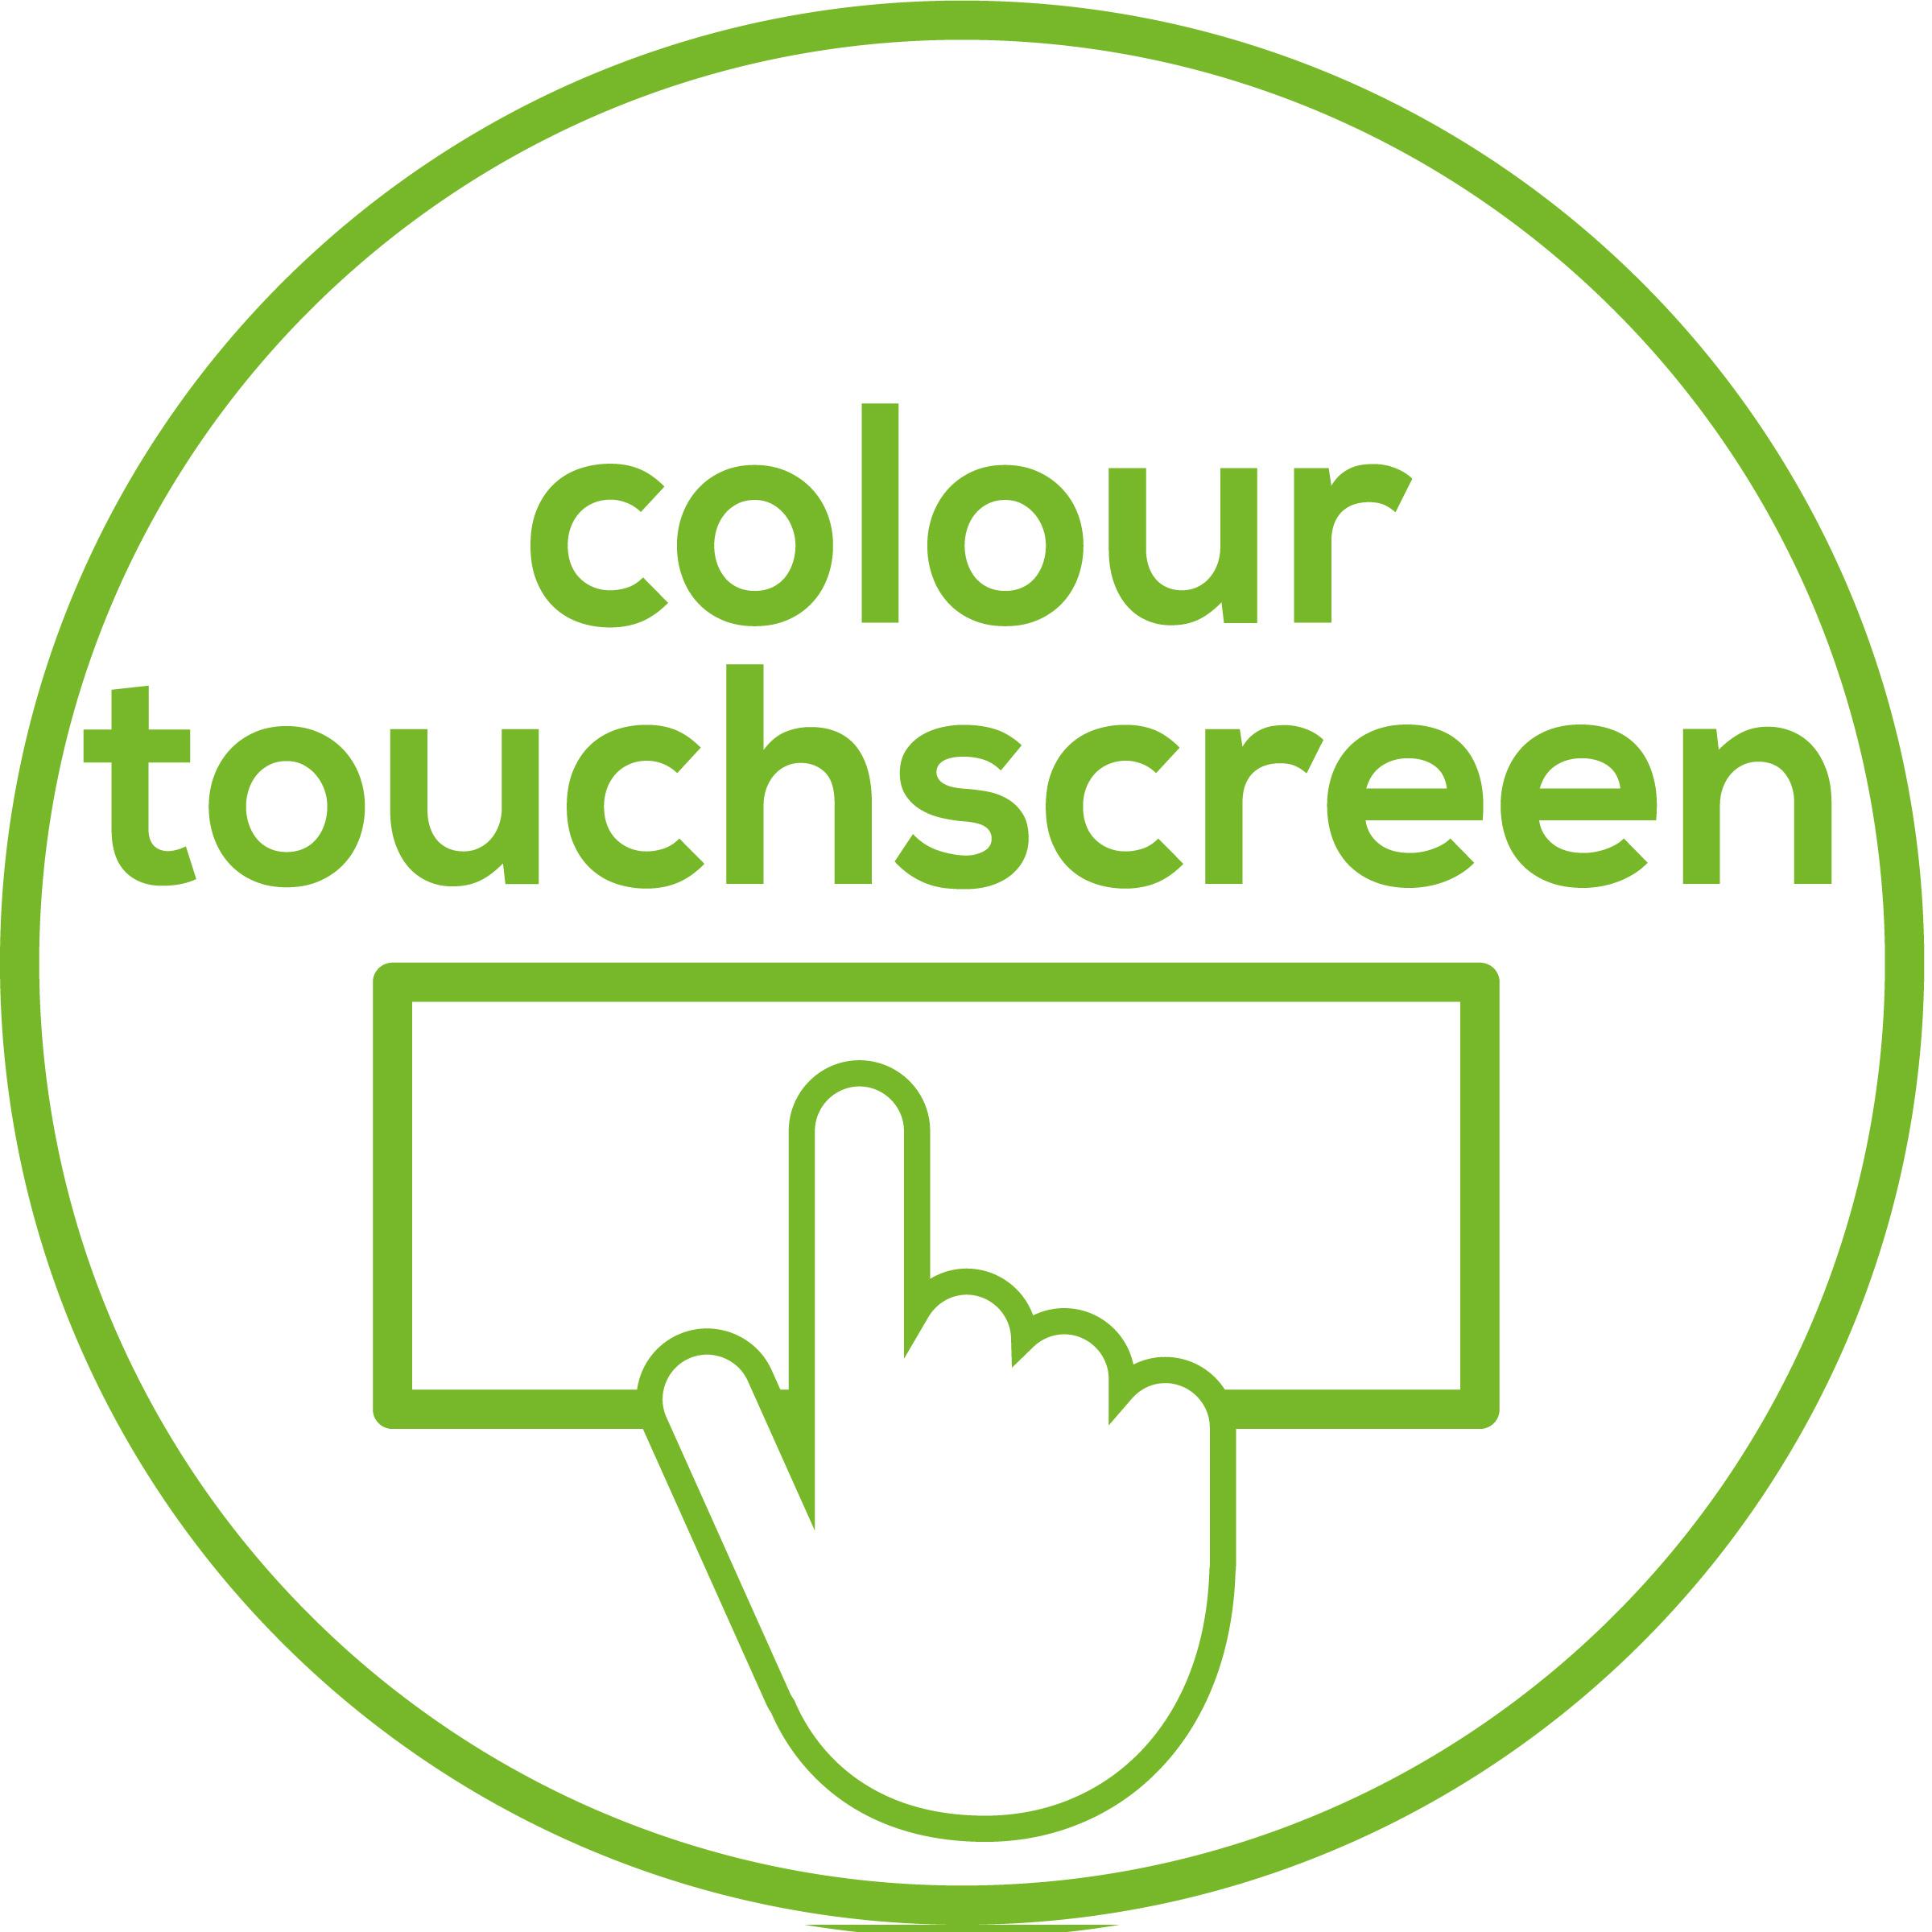 Pantalla táctil a color Pantalla táctil a color para localizar con mayor facilidad notificaciones